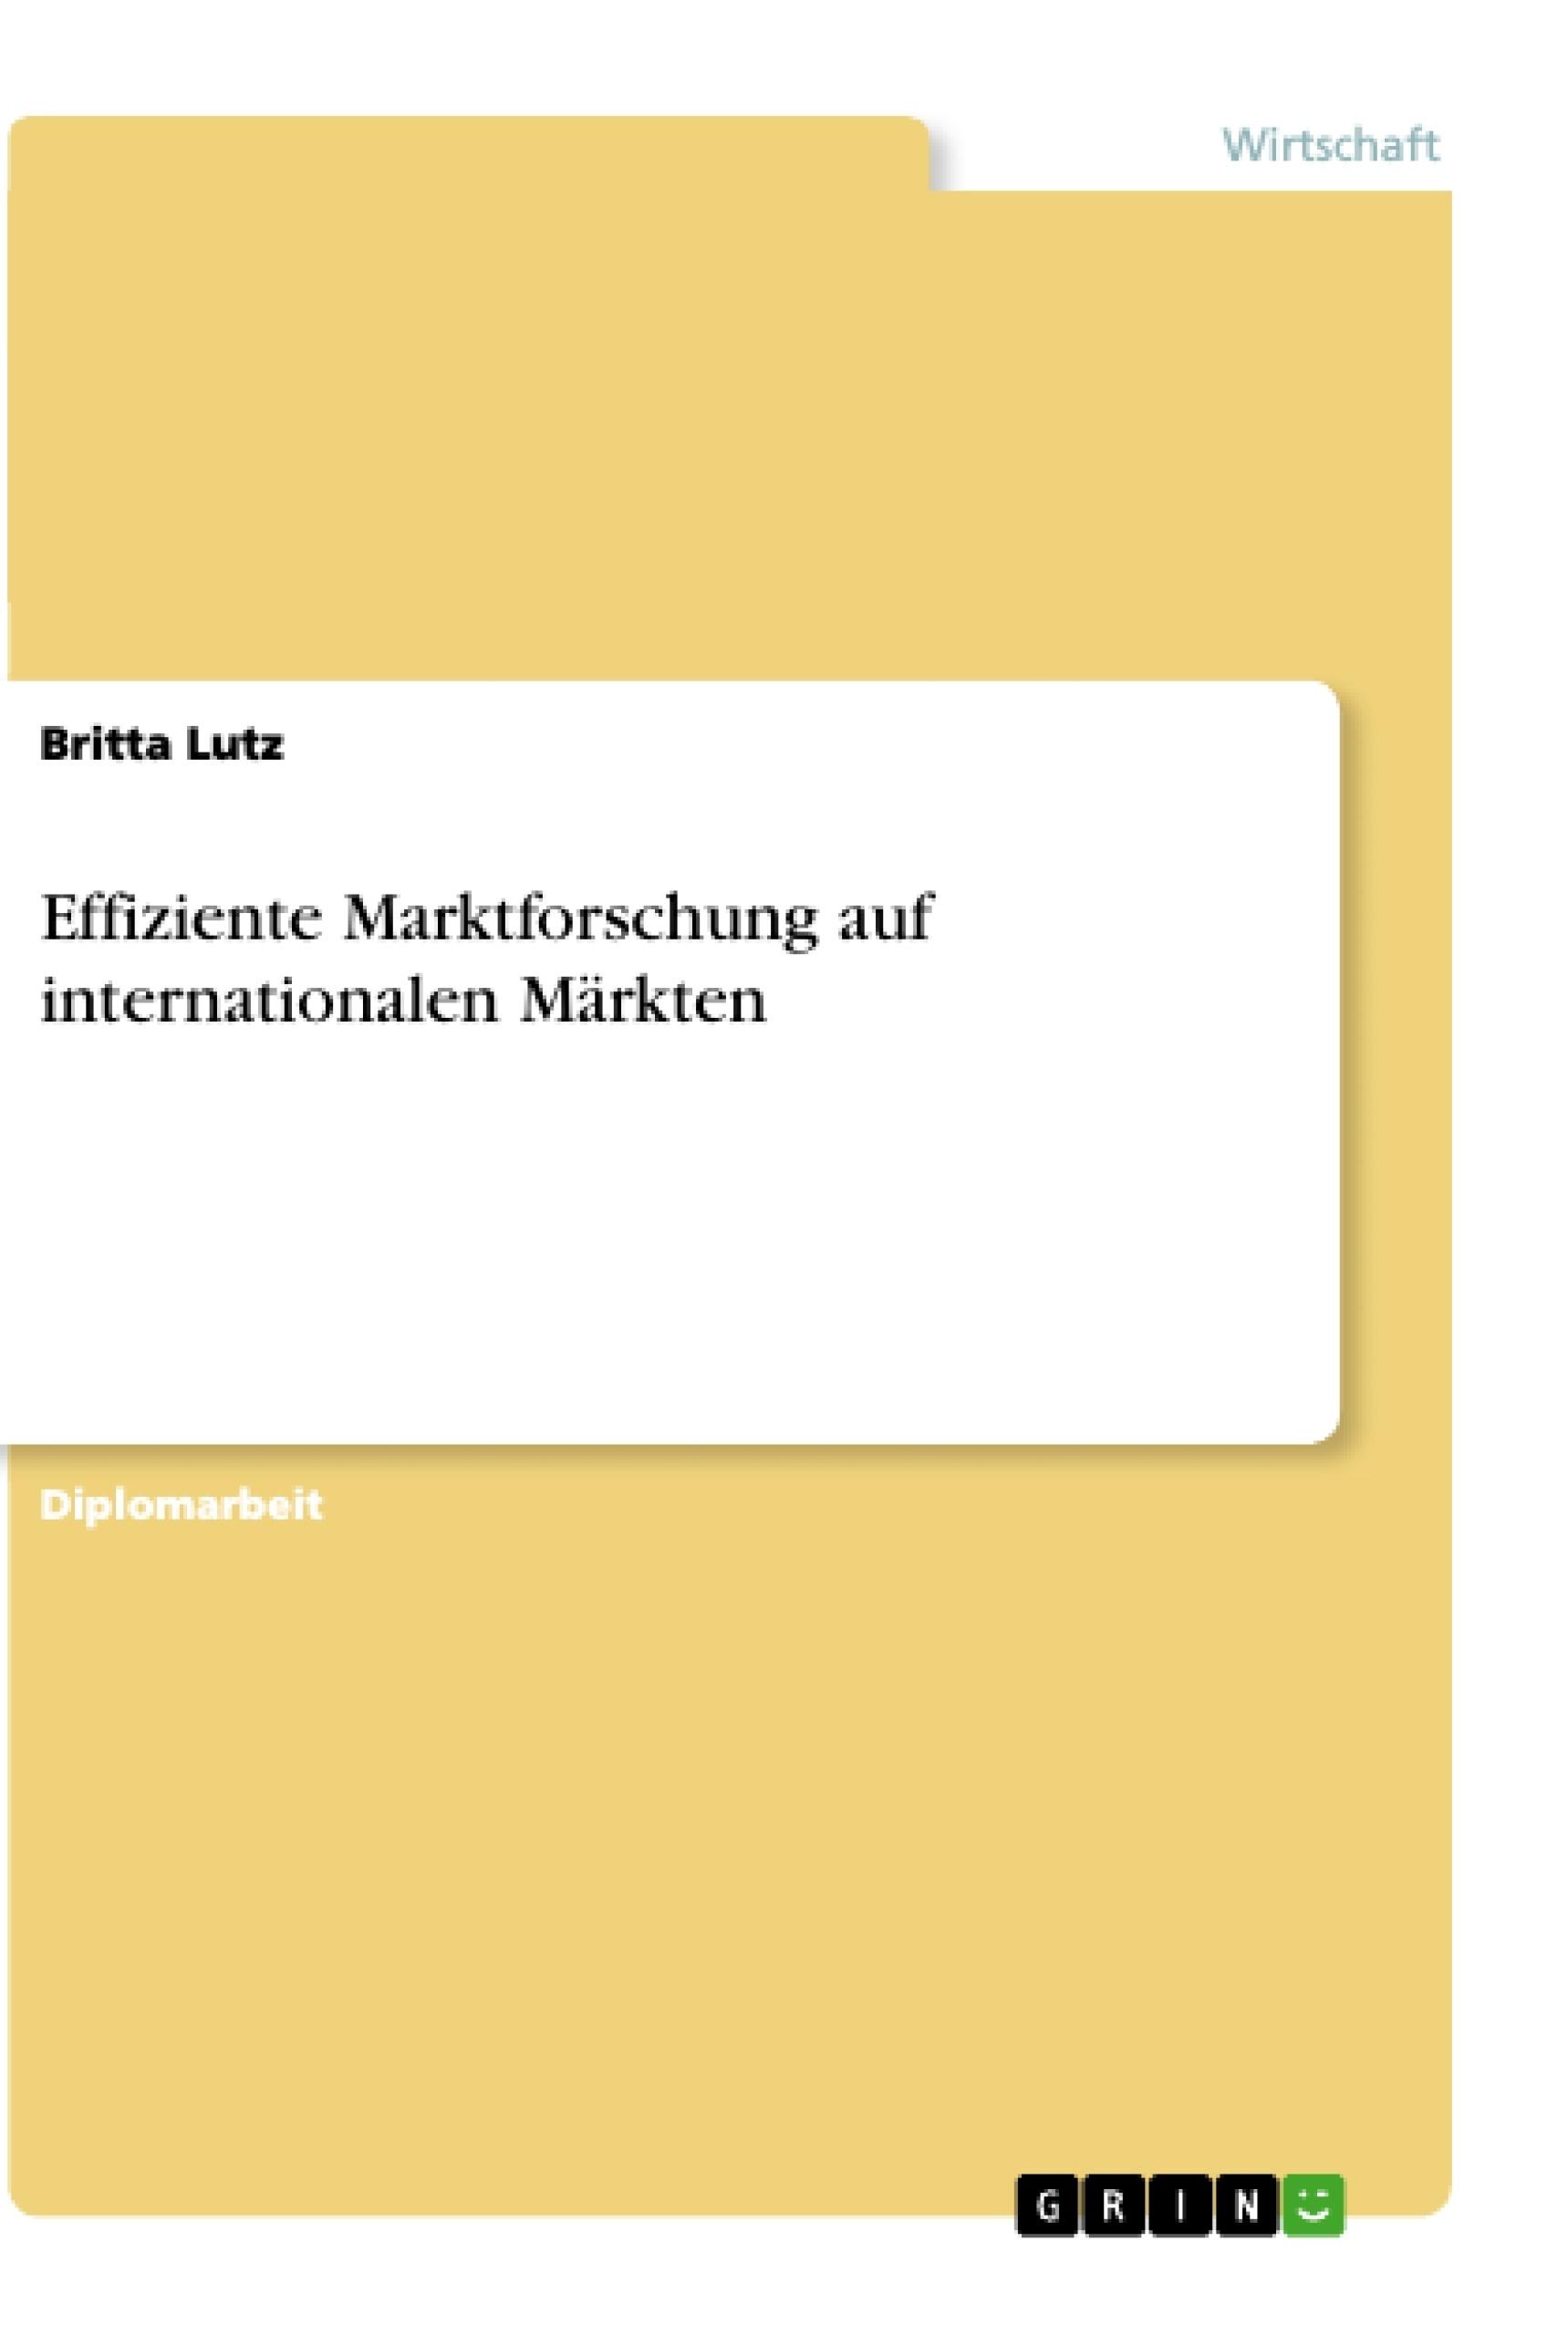 Titel: Effiziente Marktforschung auf internationalen Märkten